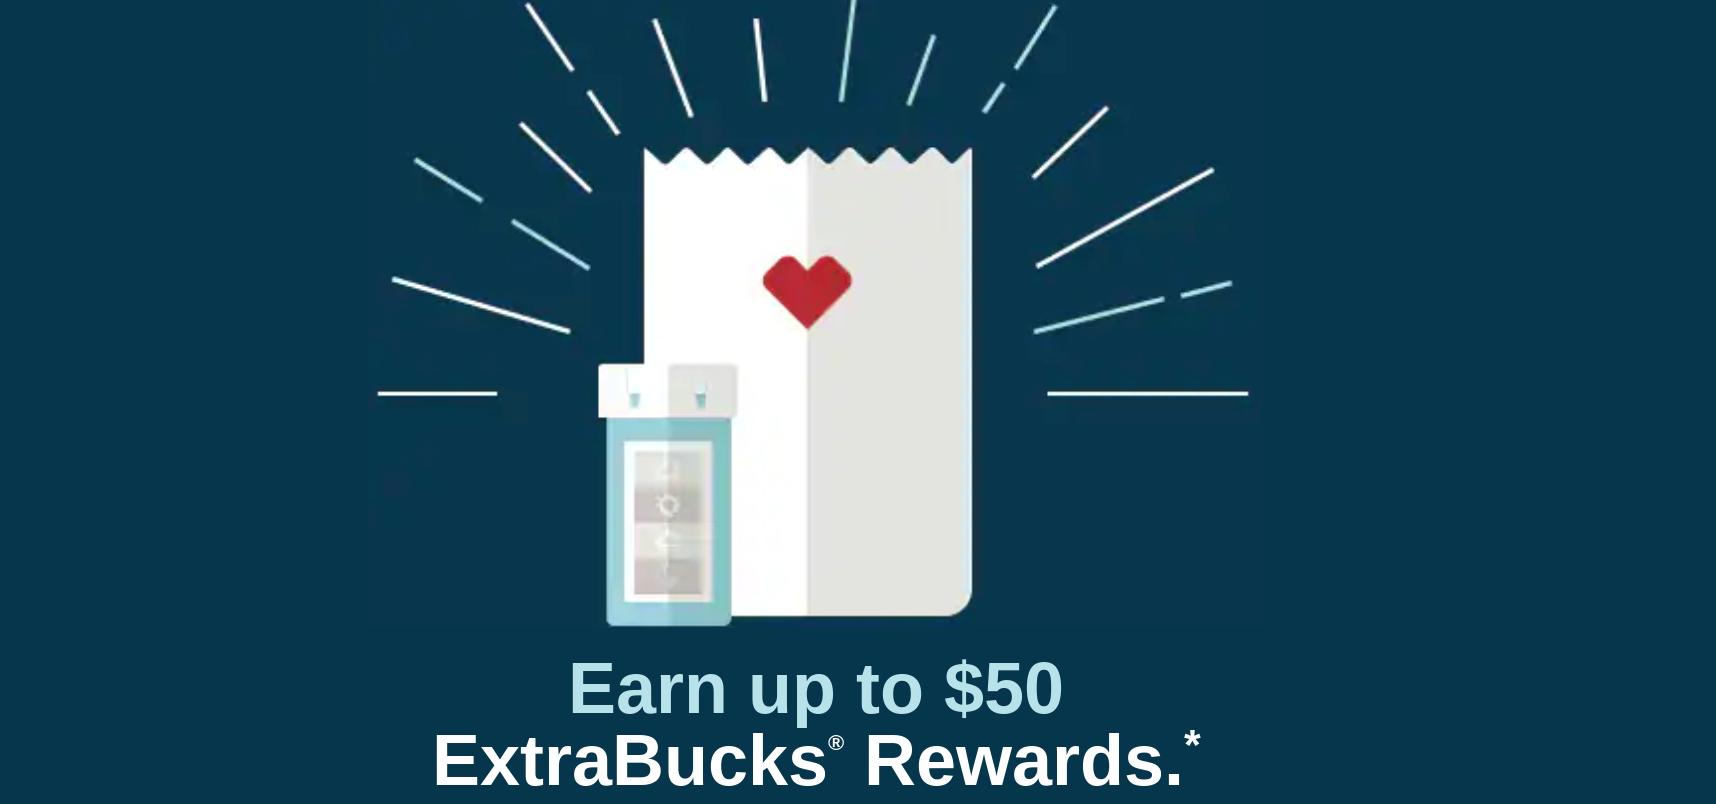 cvs survey rewards